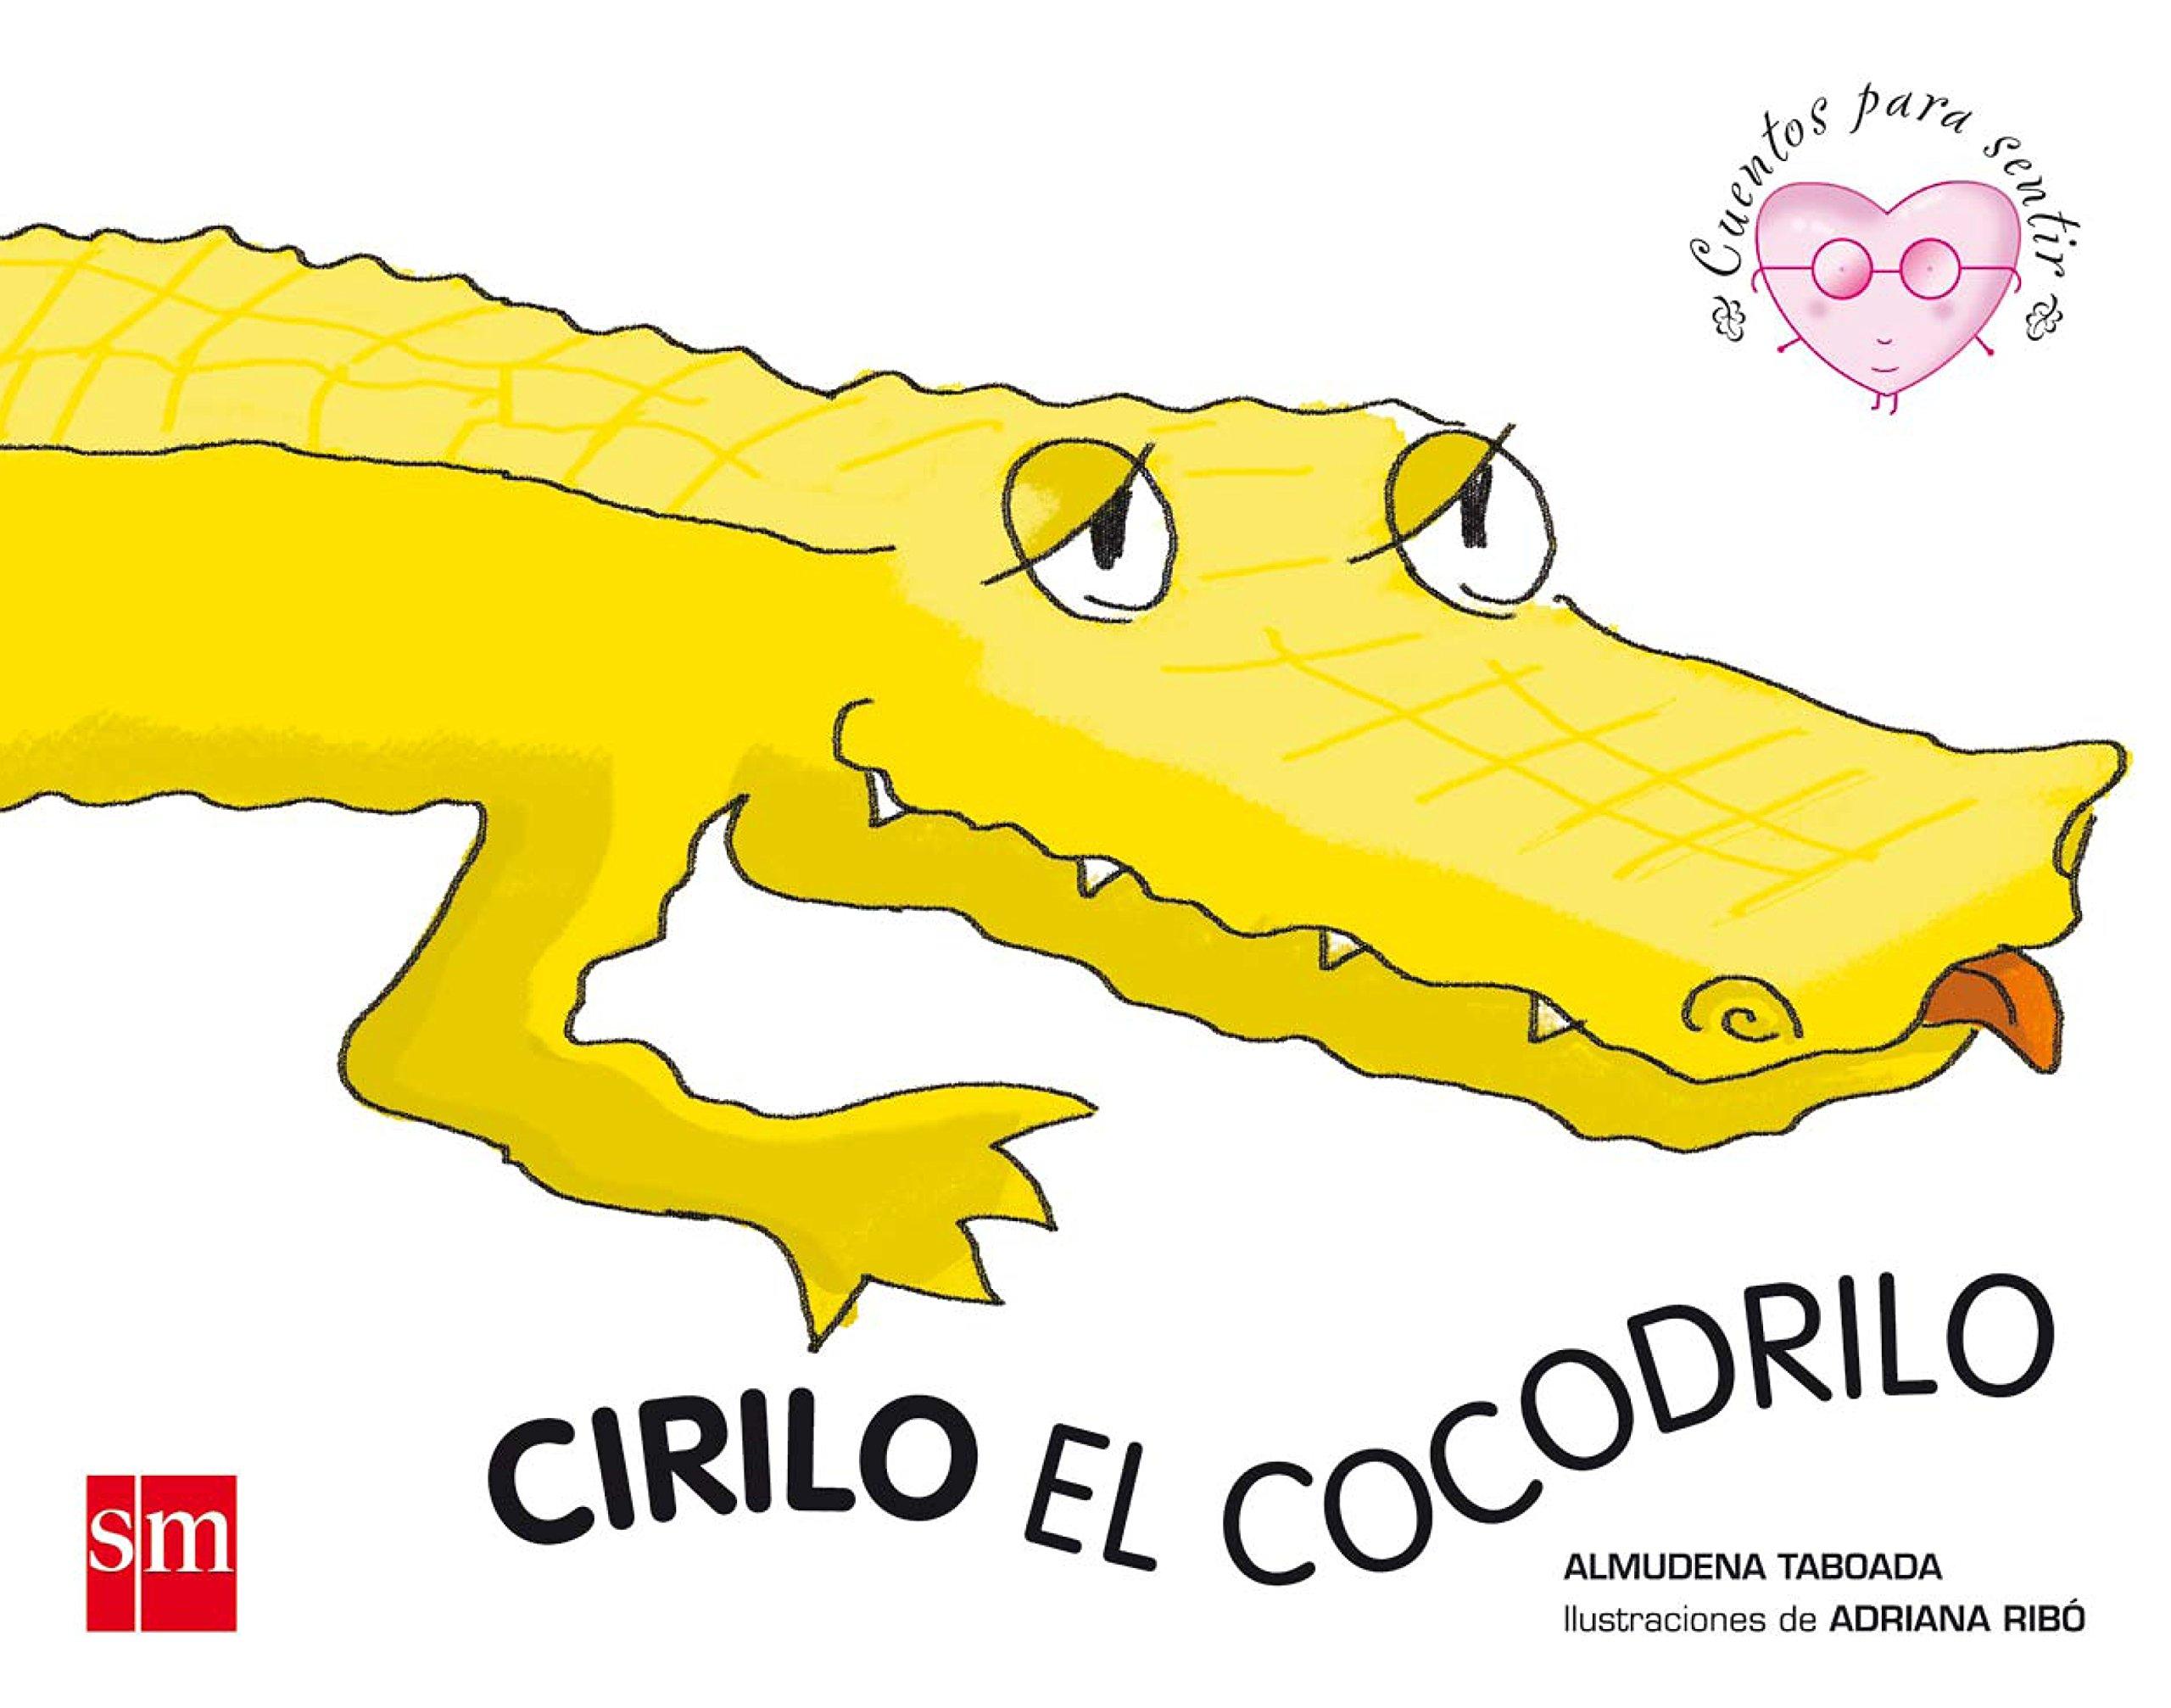 Color Cirilo Cuentos Cuento La Sobre Cocodrilo El De Un Piel XqwXTr